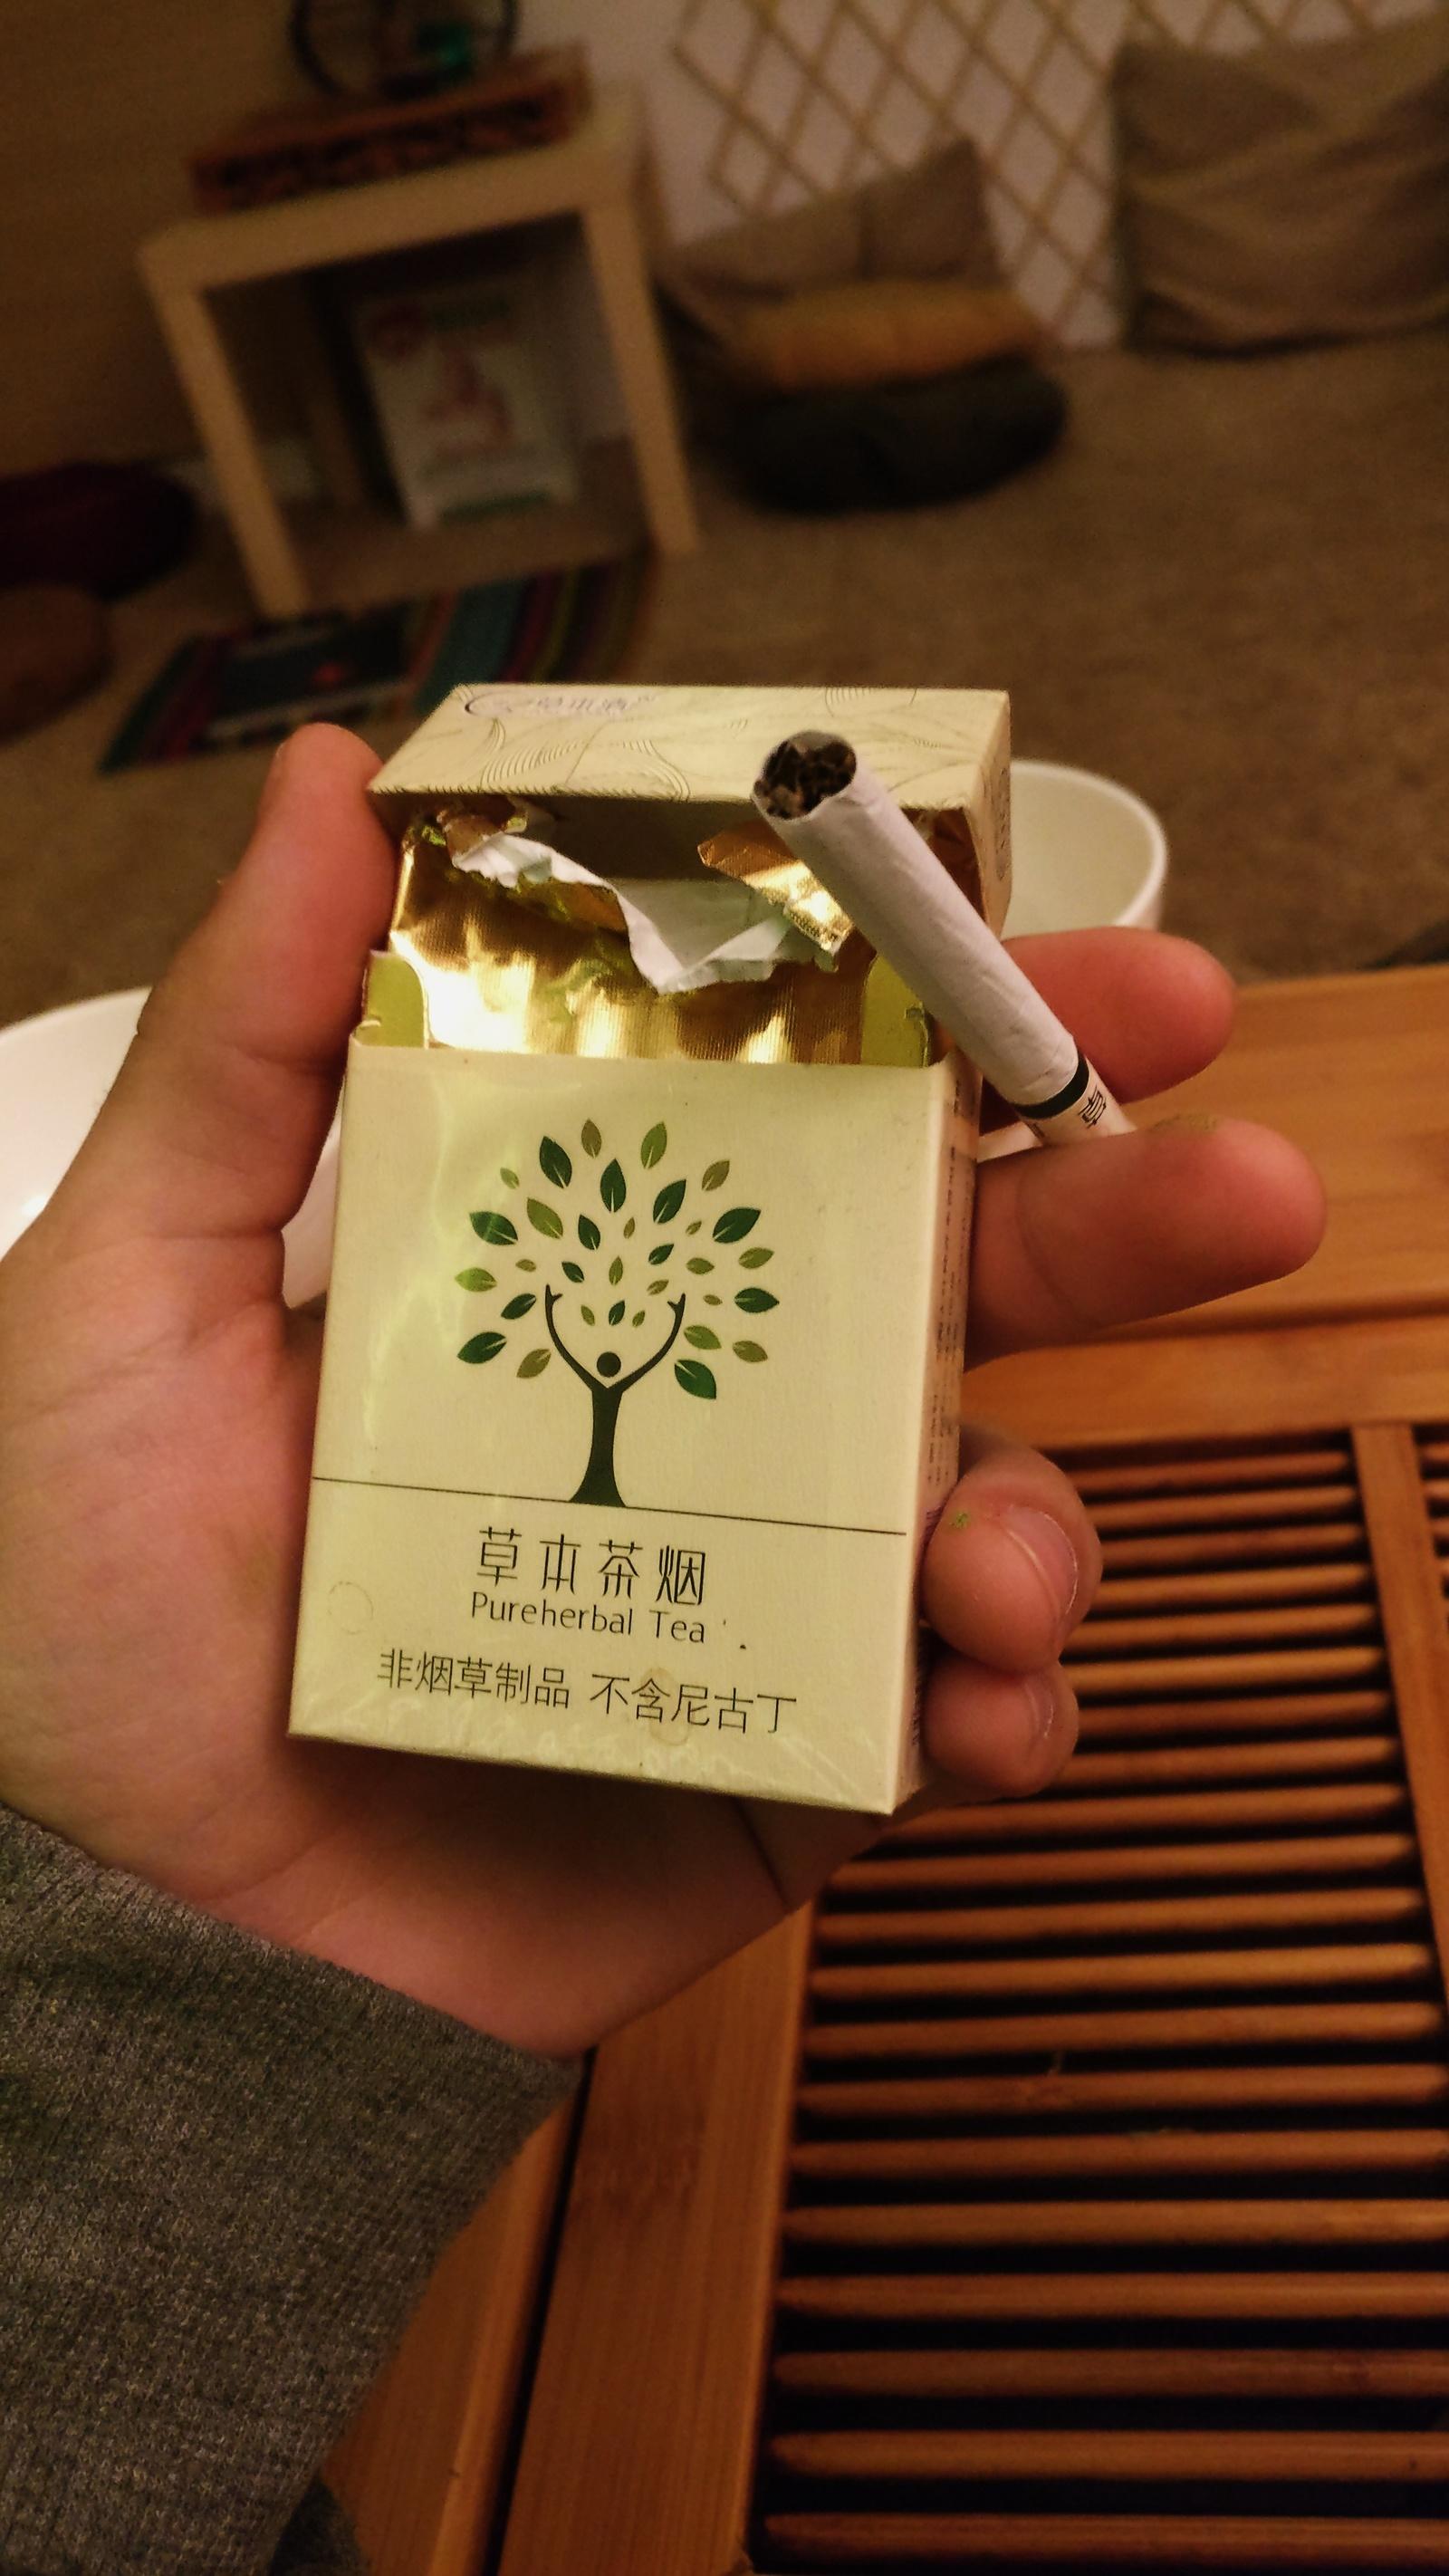 Китайские сигареты с чаем купить научно исследовательский институт табака махорки и табачных изделий